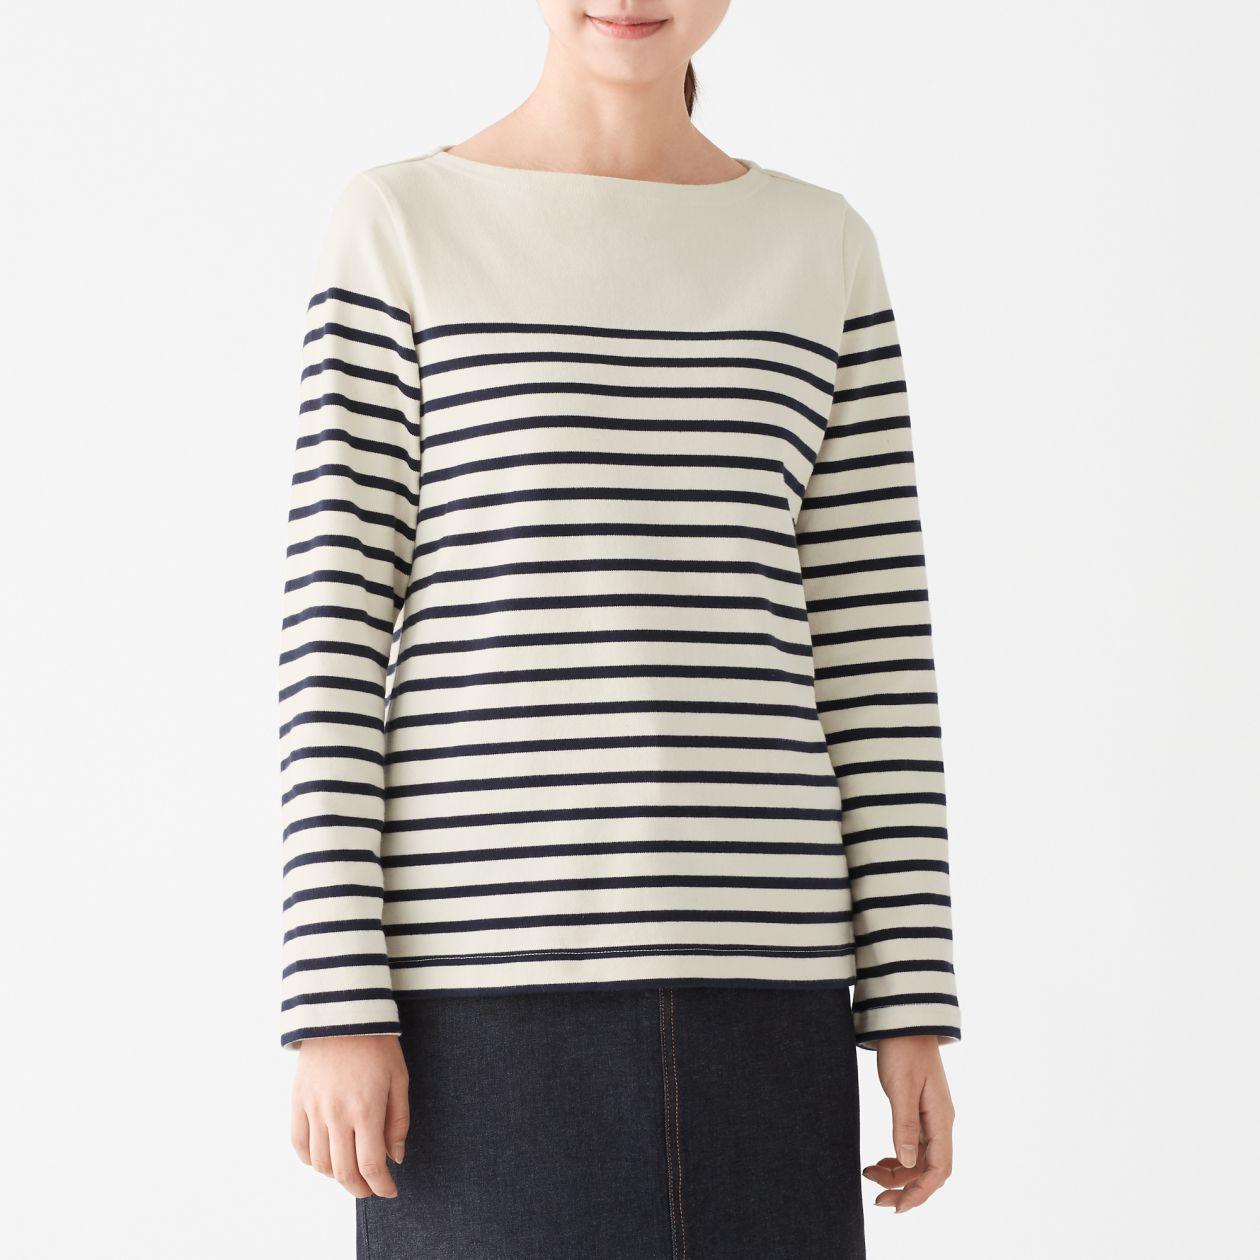 太番手天竺編み長袖Tシャツ(パネルボーダー)